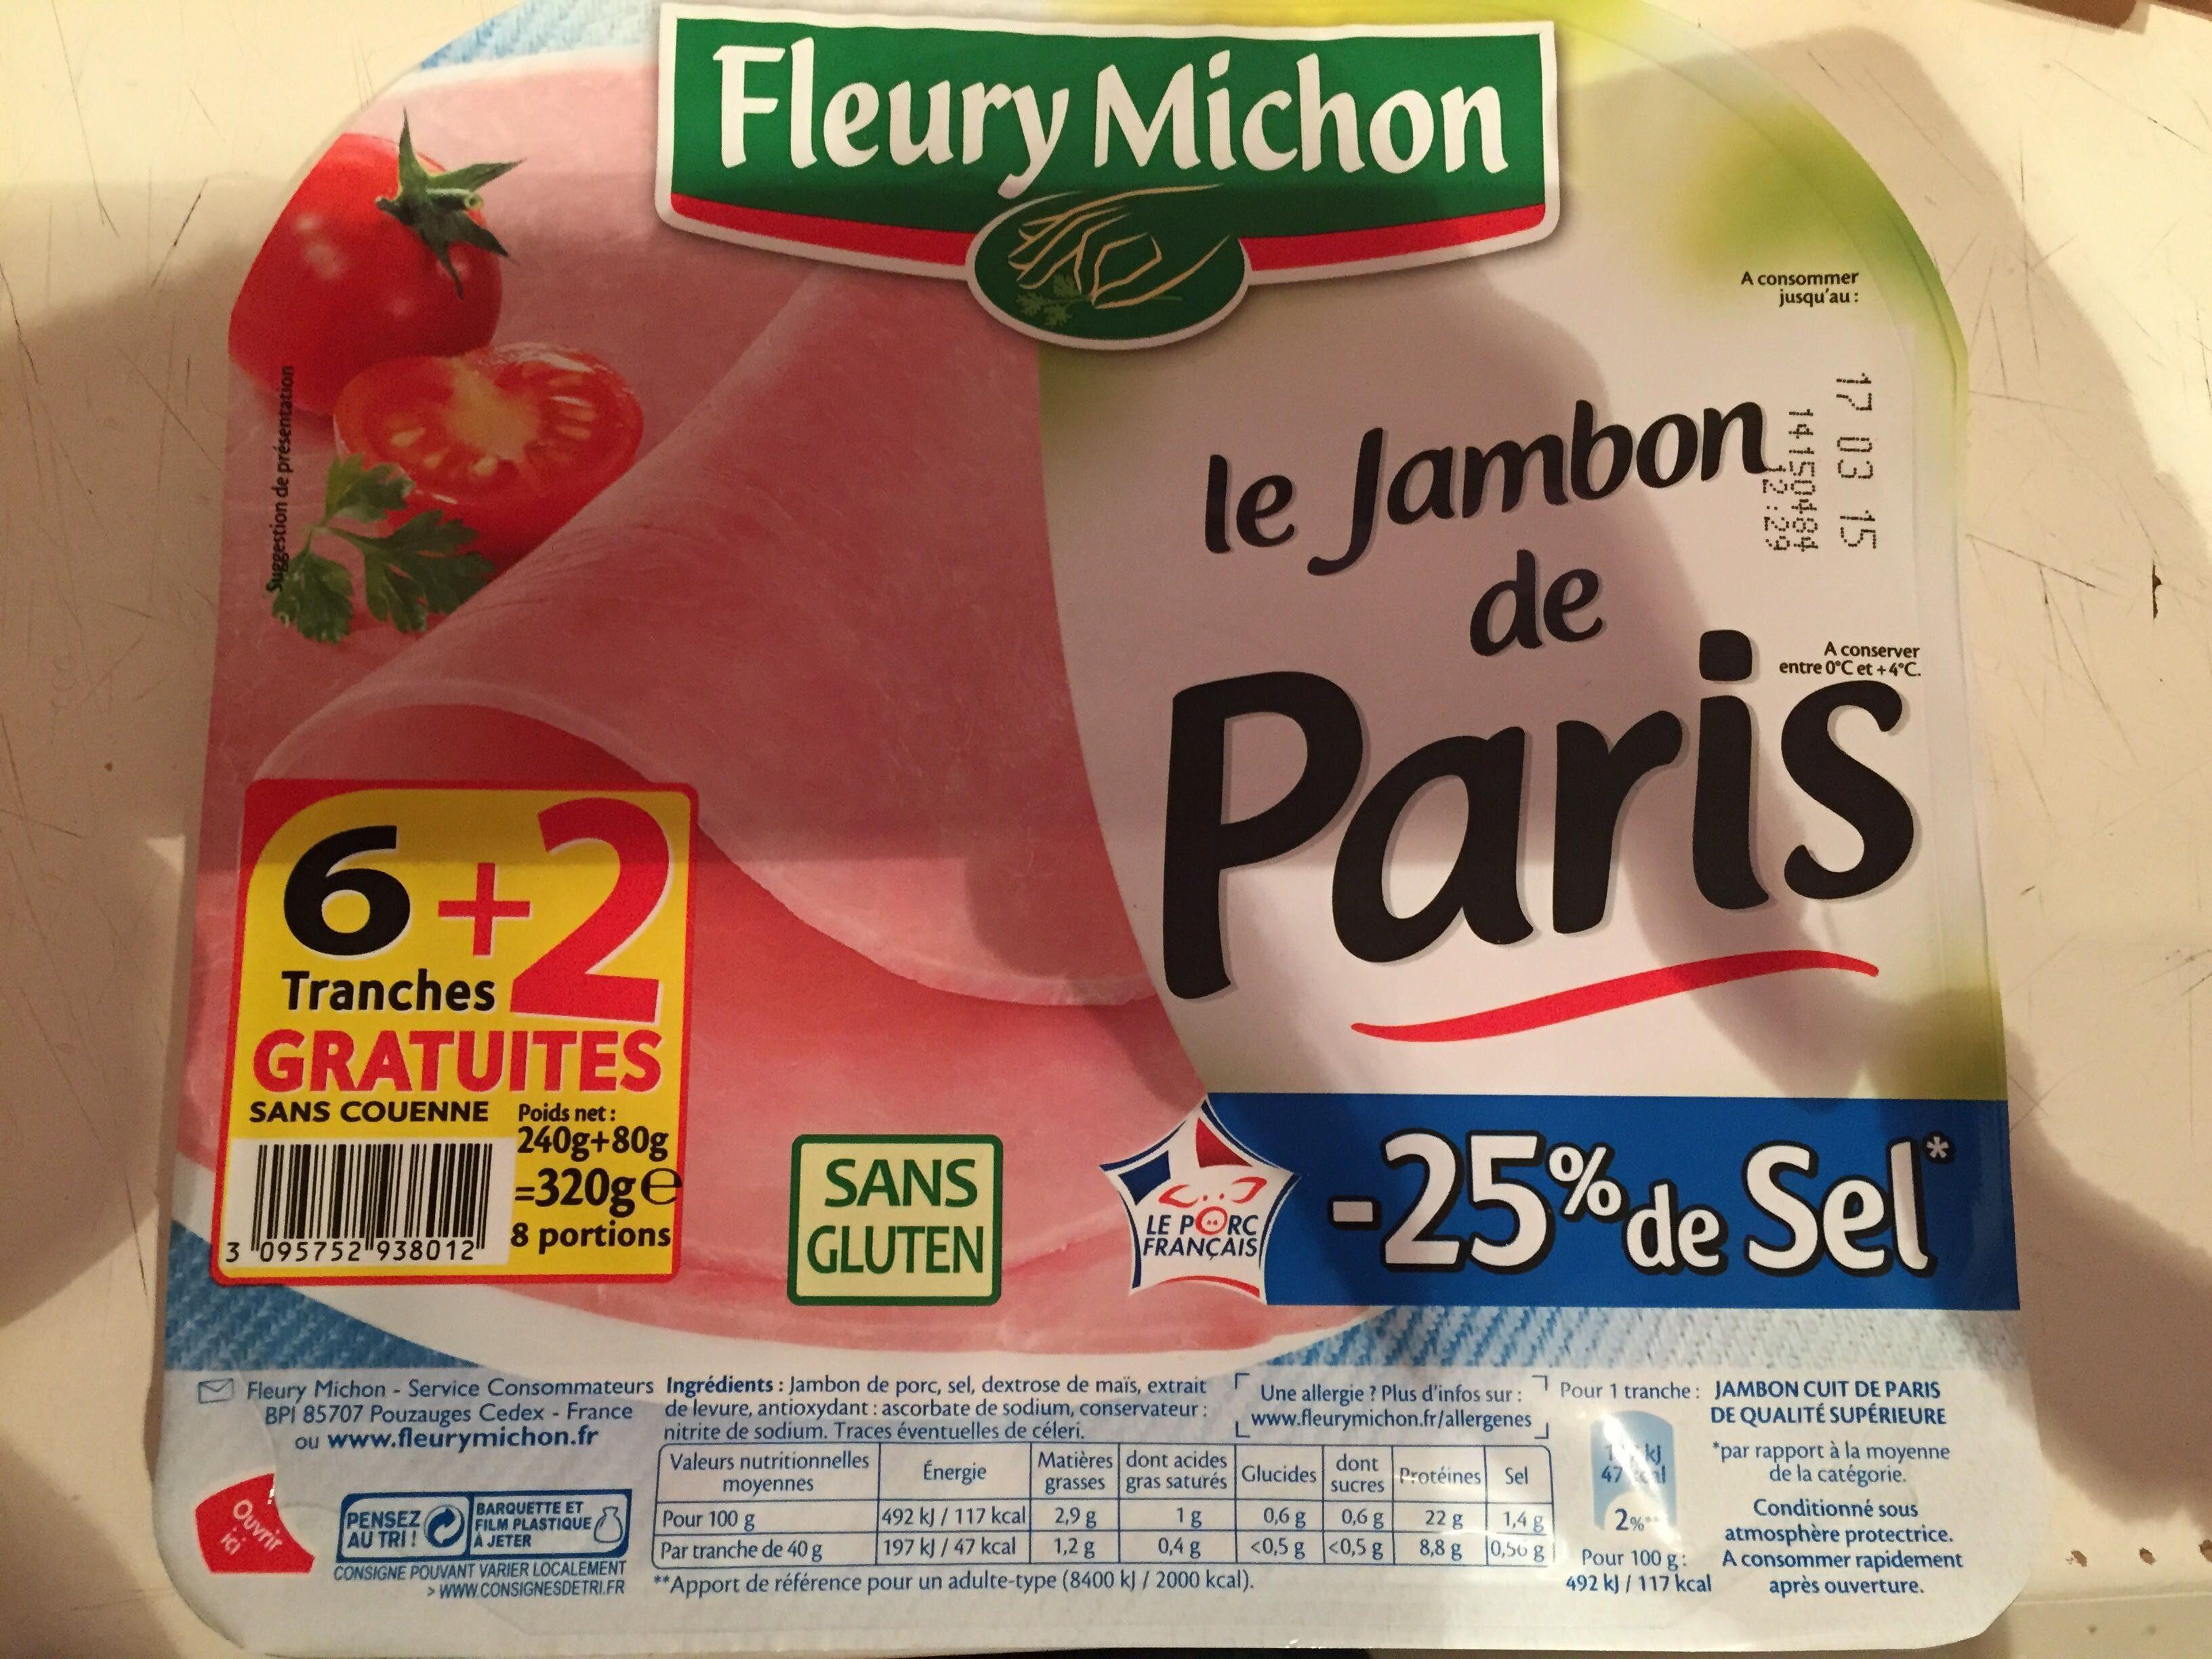 Le Jambon de Paris -25% de Sel - Product - fr